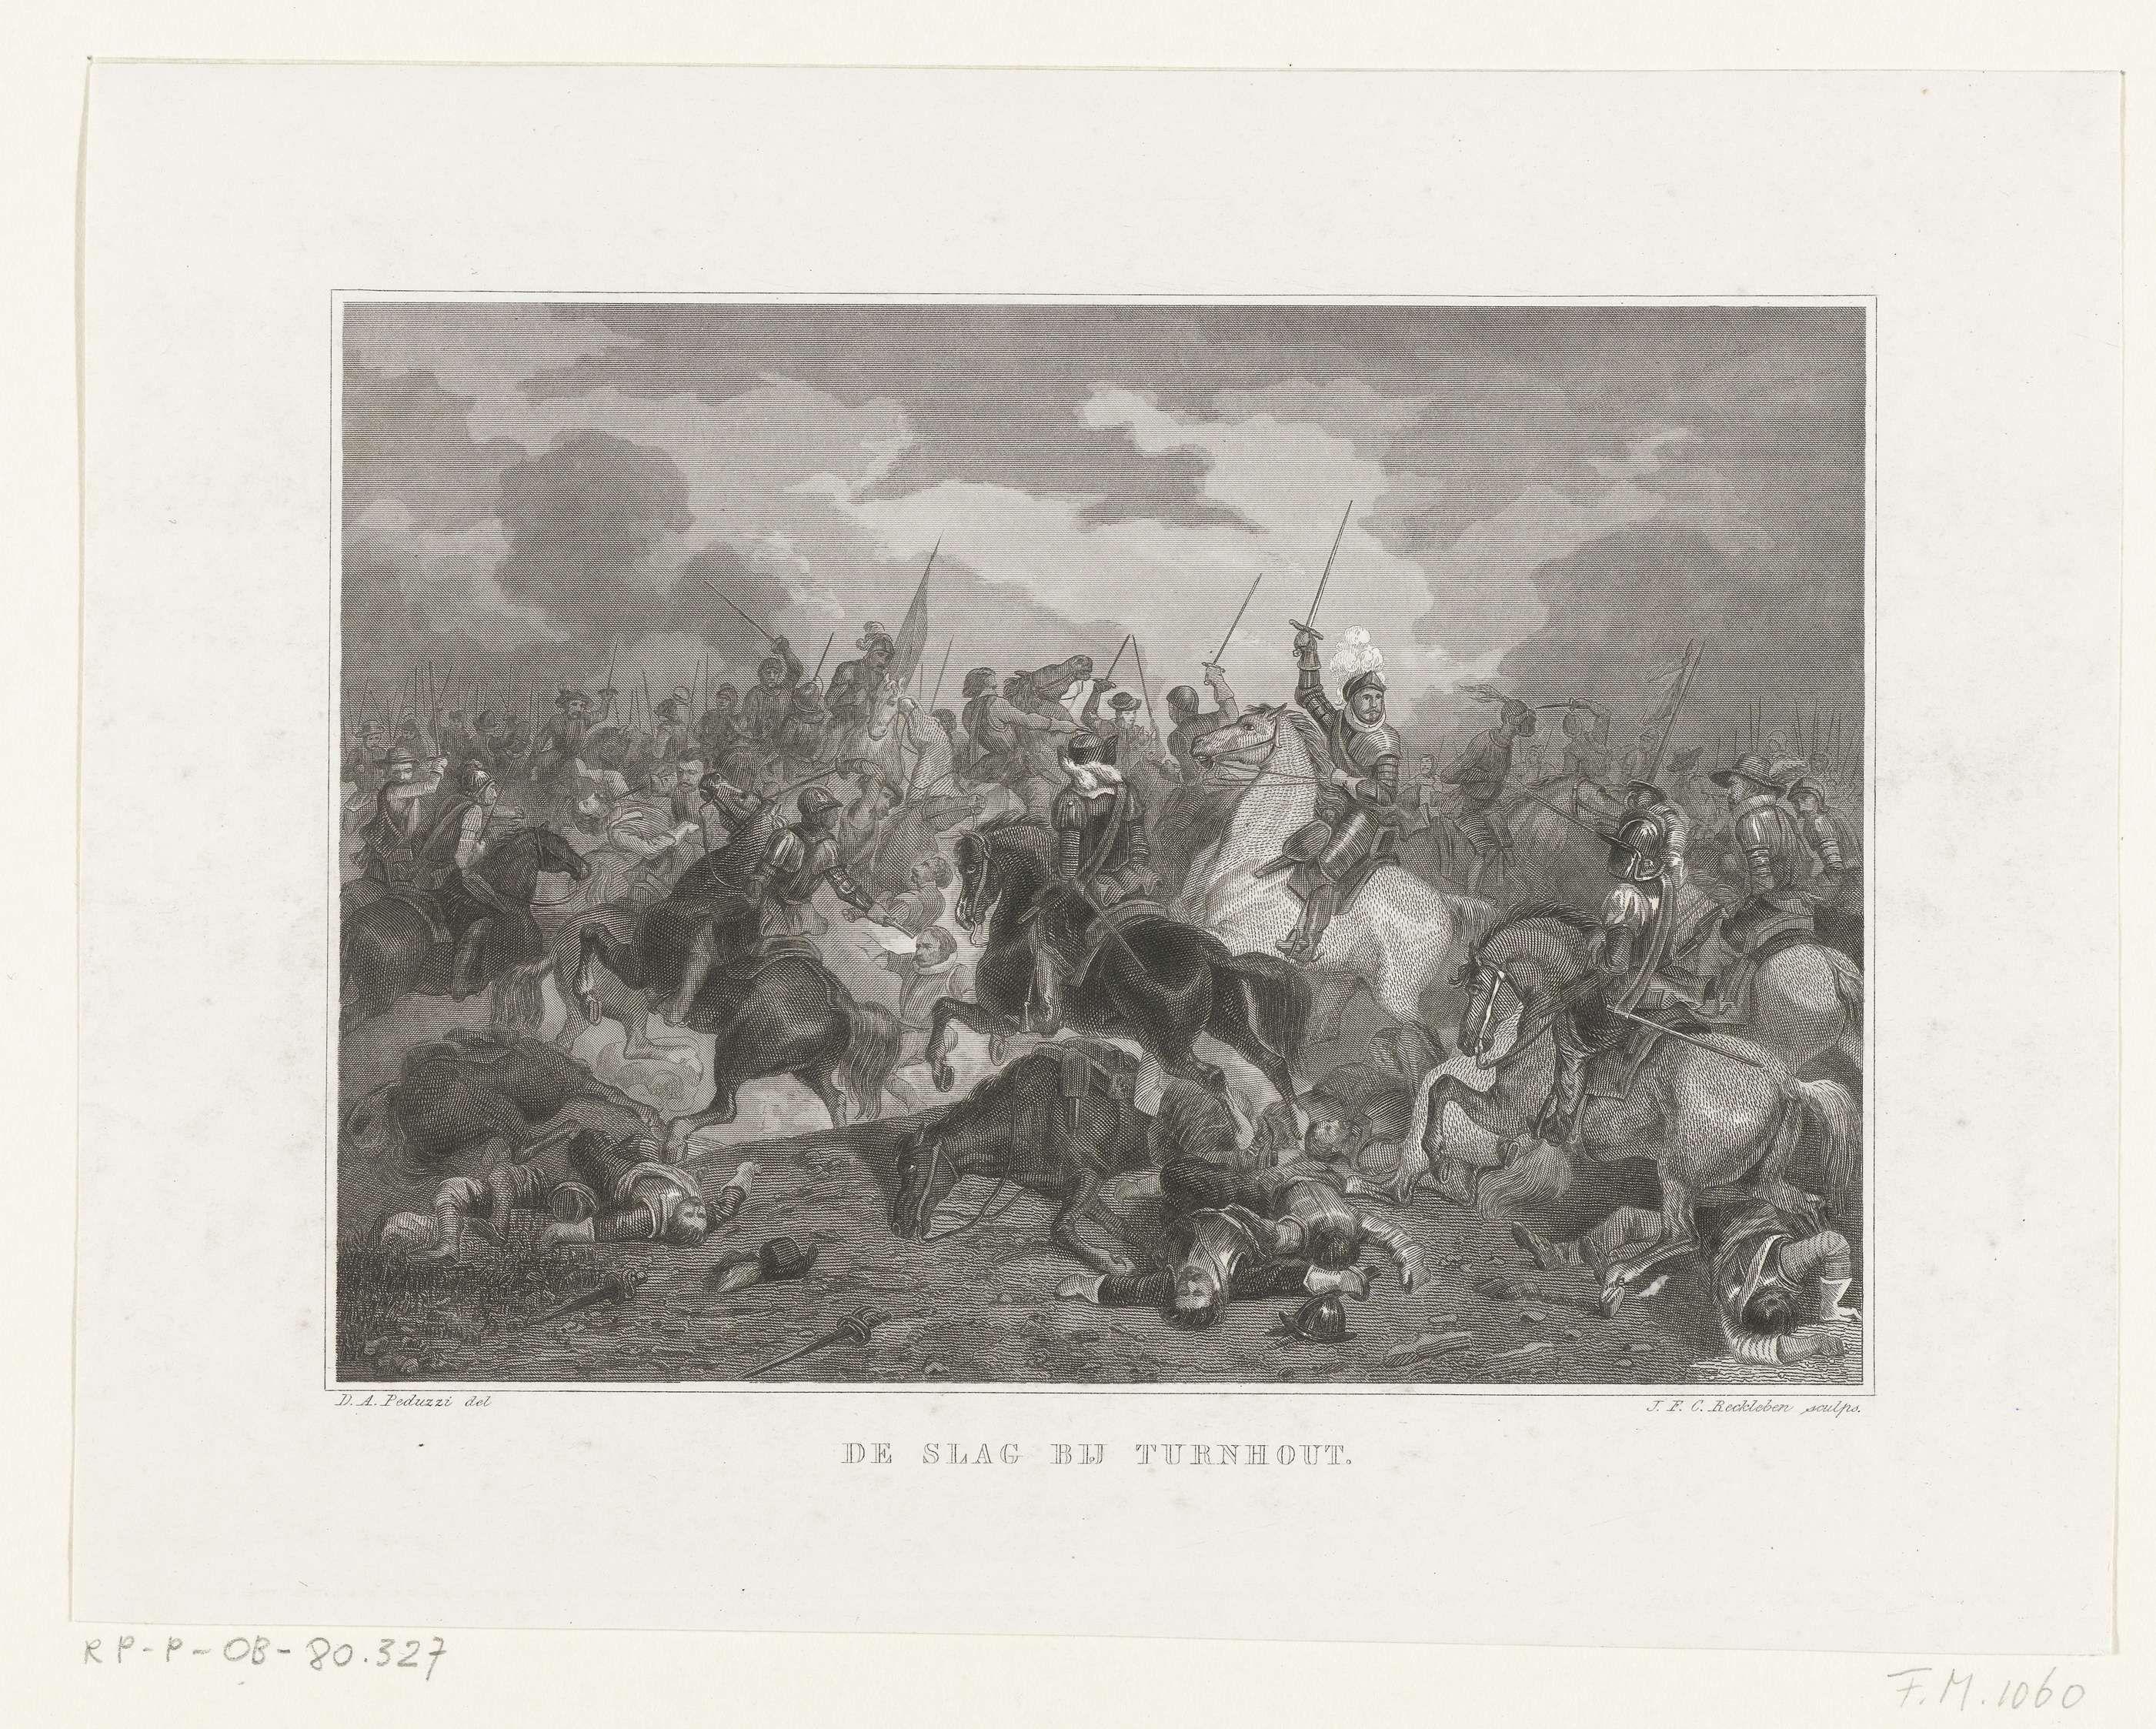 Jan Frederik Christiaan Reckleben | De Slag bij Turnhout, 1597, Jan Frederik Christiaan Reckleben, 1855 - 1857 | De slag bij Turnhout, 24 januari 1597. Maurits te paard middenin het gevecht tussen de Staatse en Spaanse ruiters.